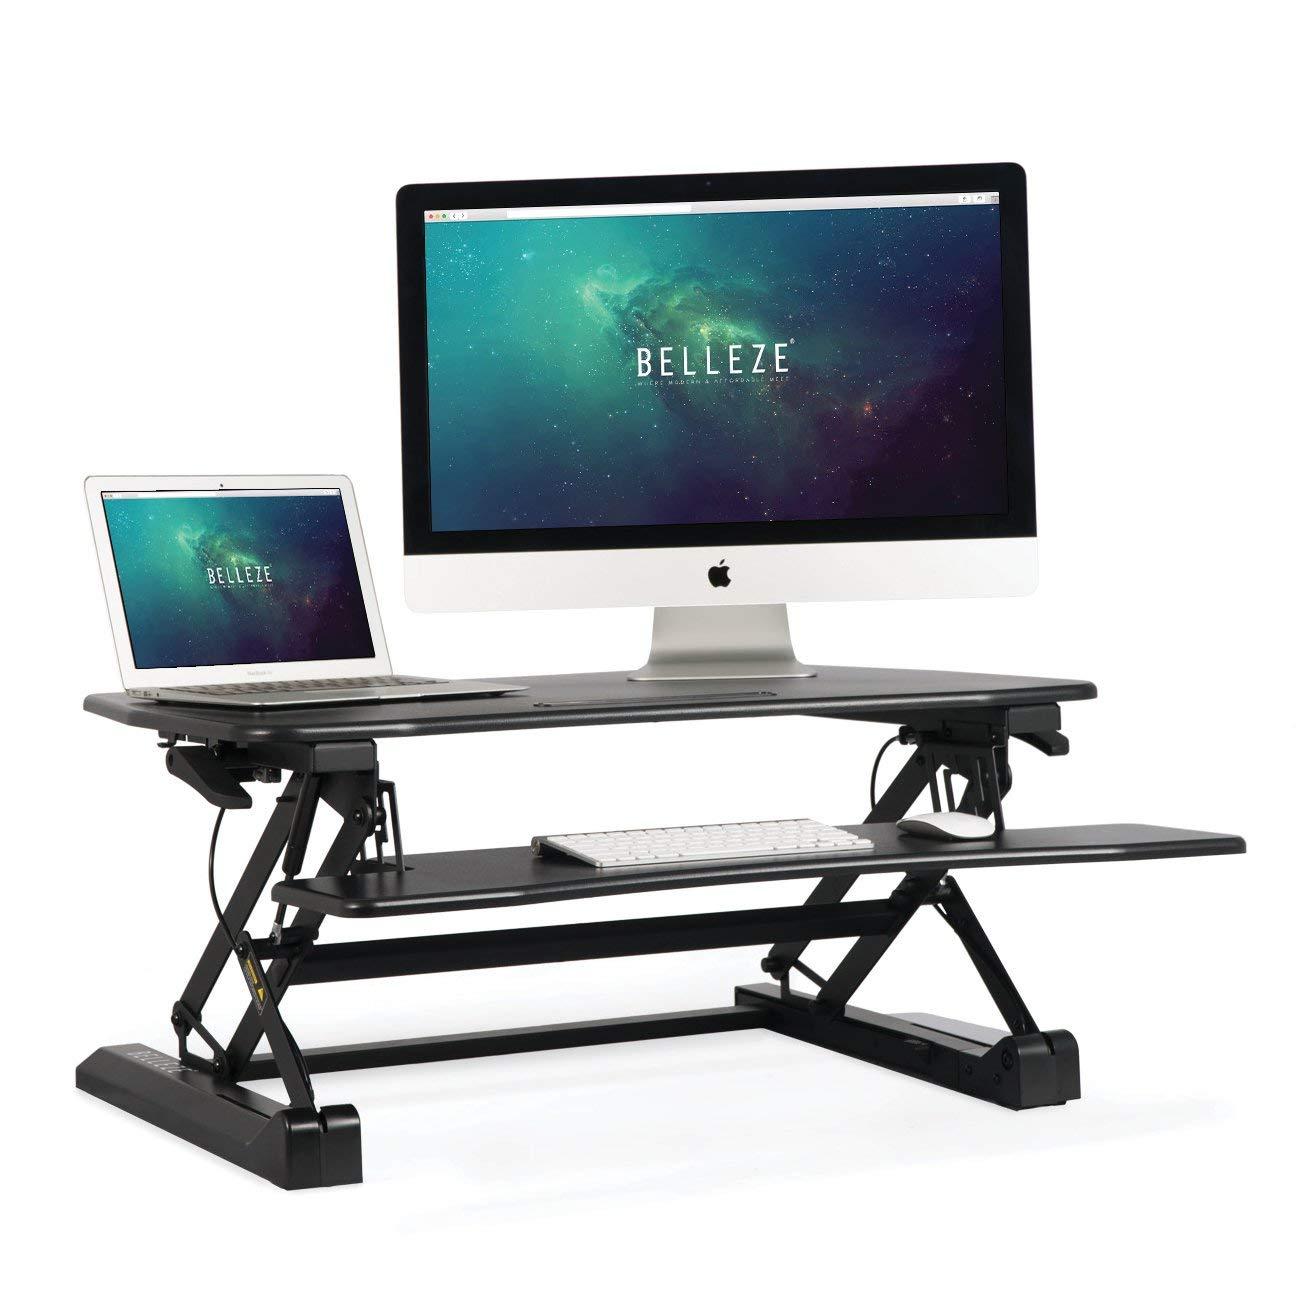 BELLEZE | Stand Up Desk | Computer Riser Table | Keyboard Tray | Adjustable Height Desk Converter | Home | Office | Dorm | 35 Inch | Black